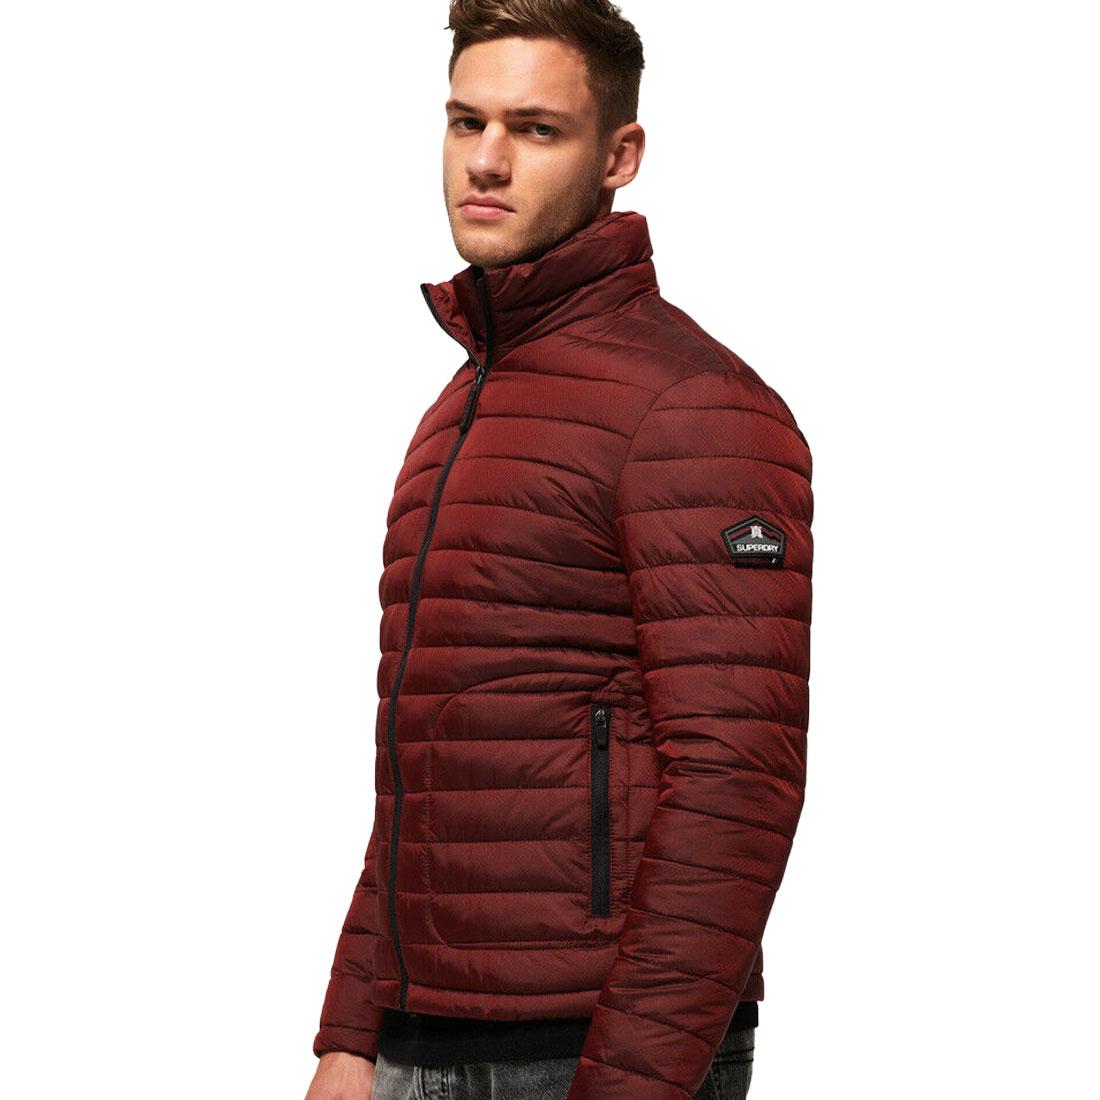 Camisa-para-hombre-Fuji-chaqueta-de-doble-cremallera miniatura 9